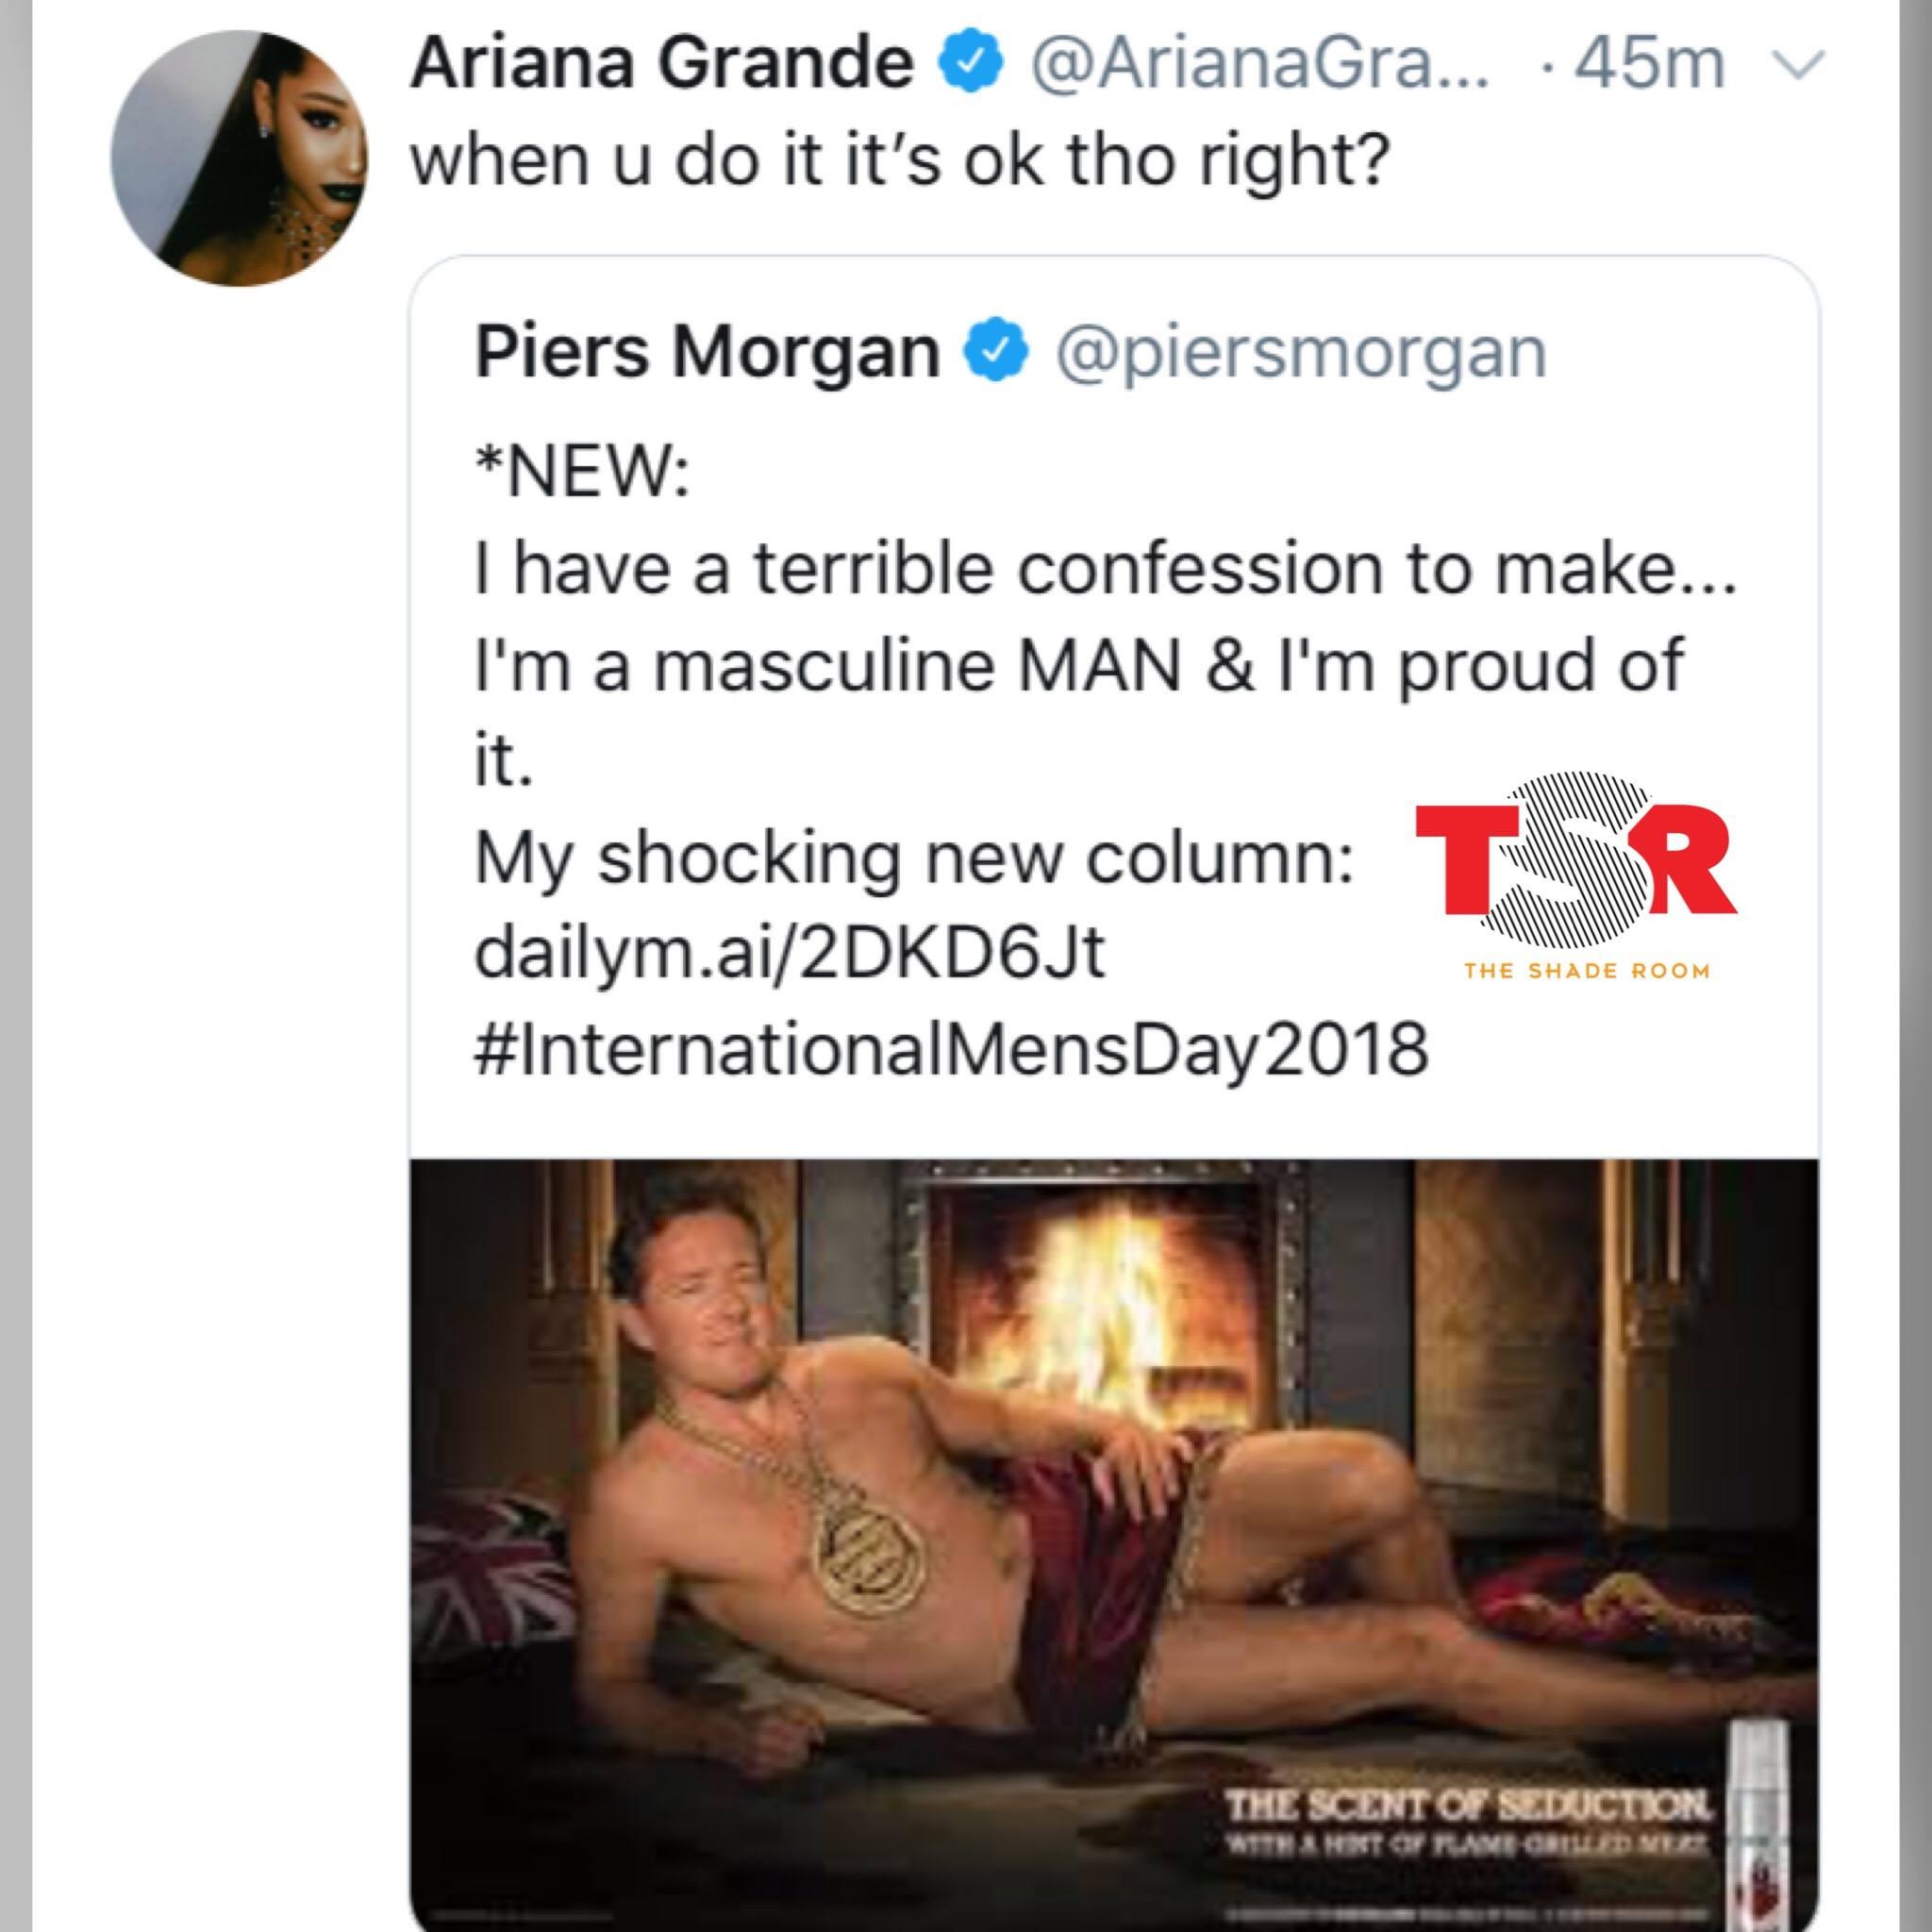 Ariana Grande vs Piers Morgan